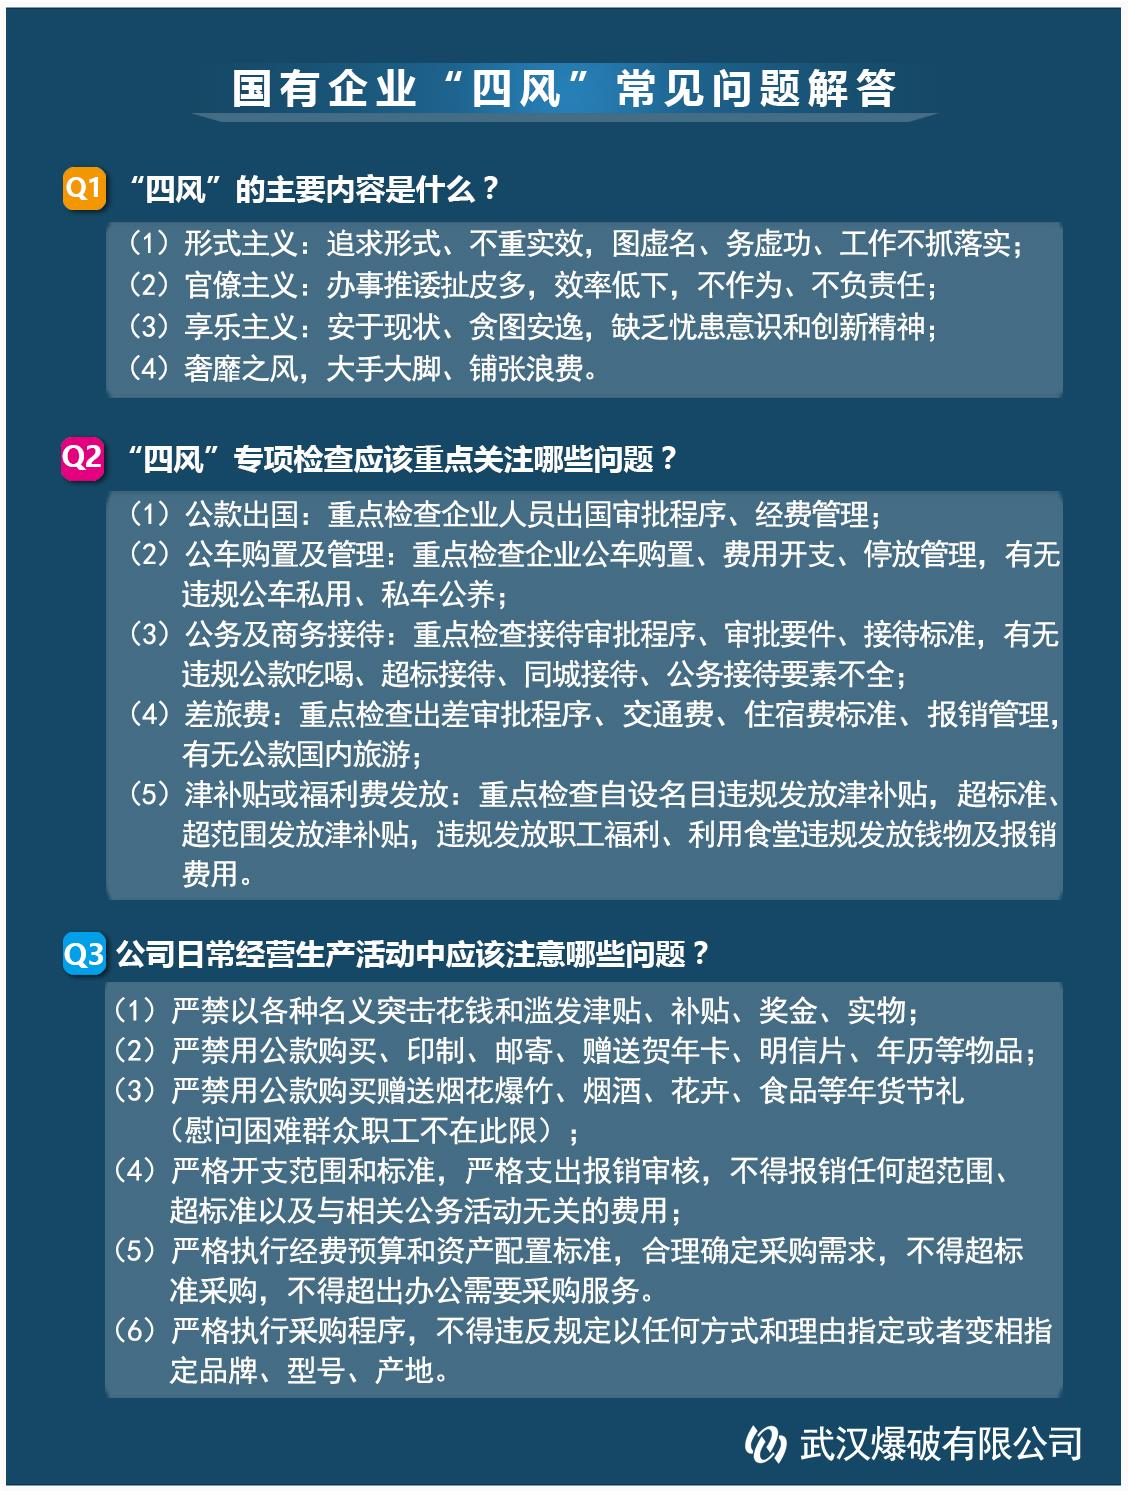 """【一問一答 解疑惑 】國有企業""""四風""""常見問題解答"""